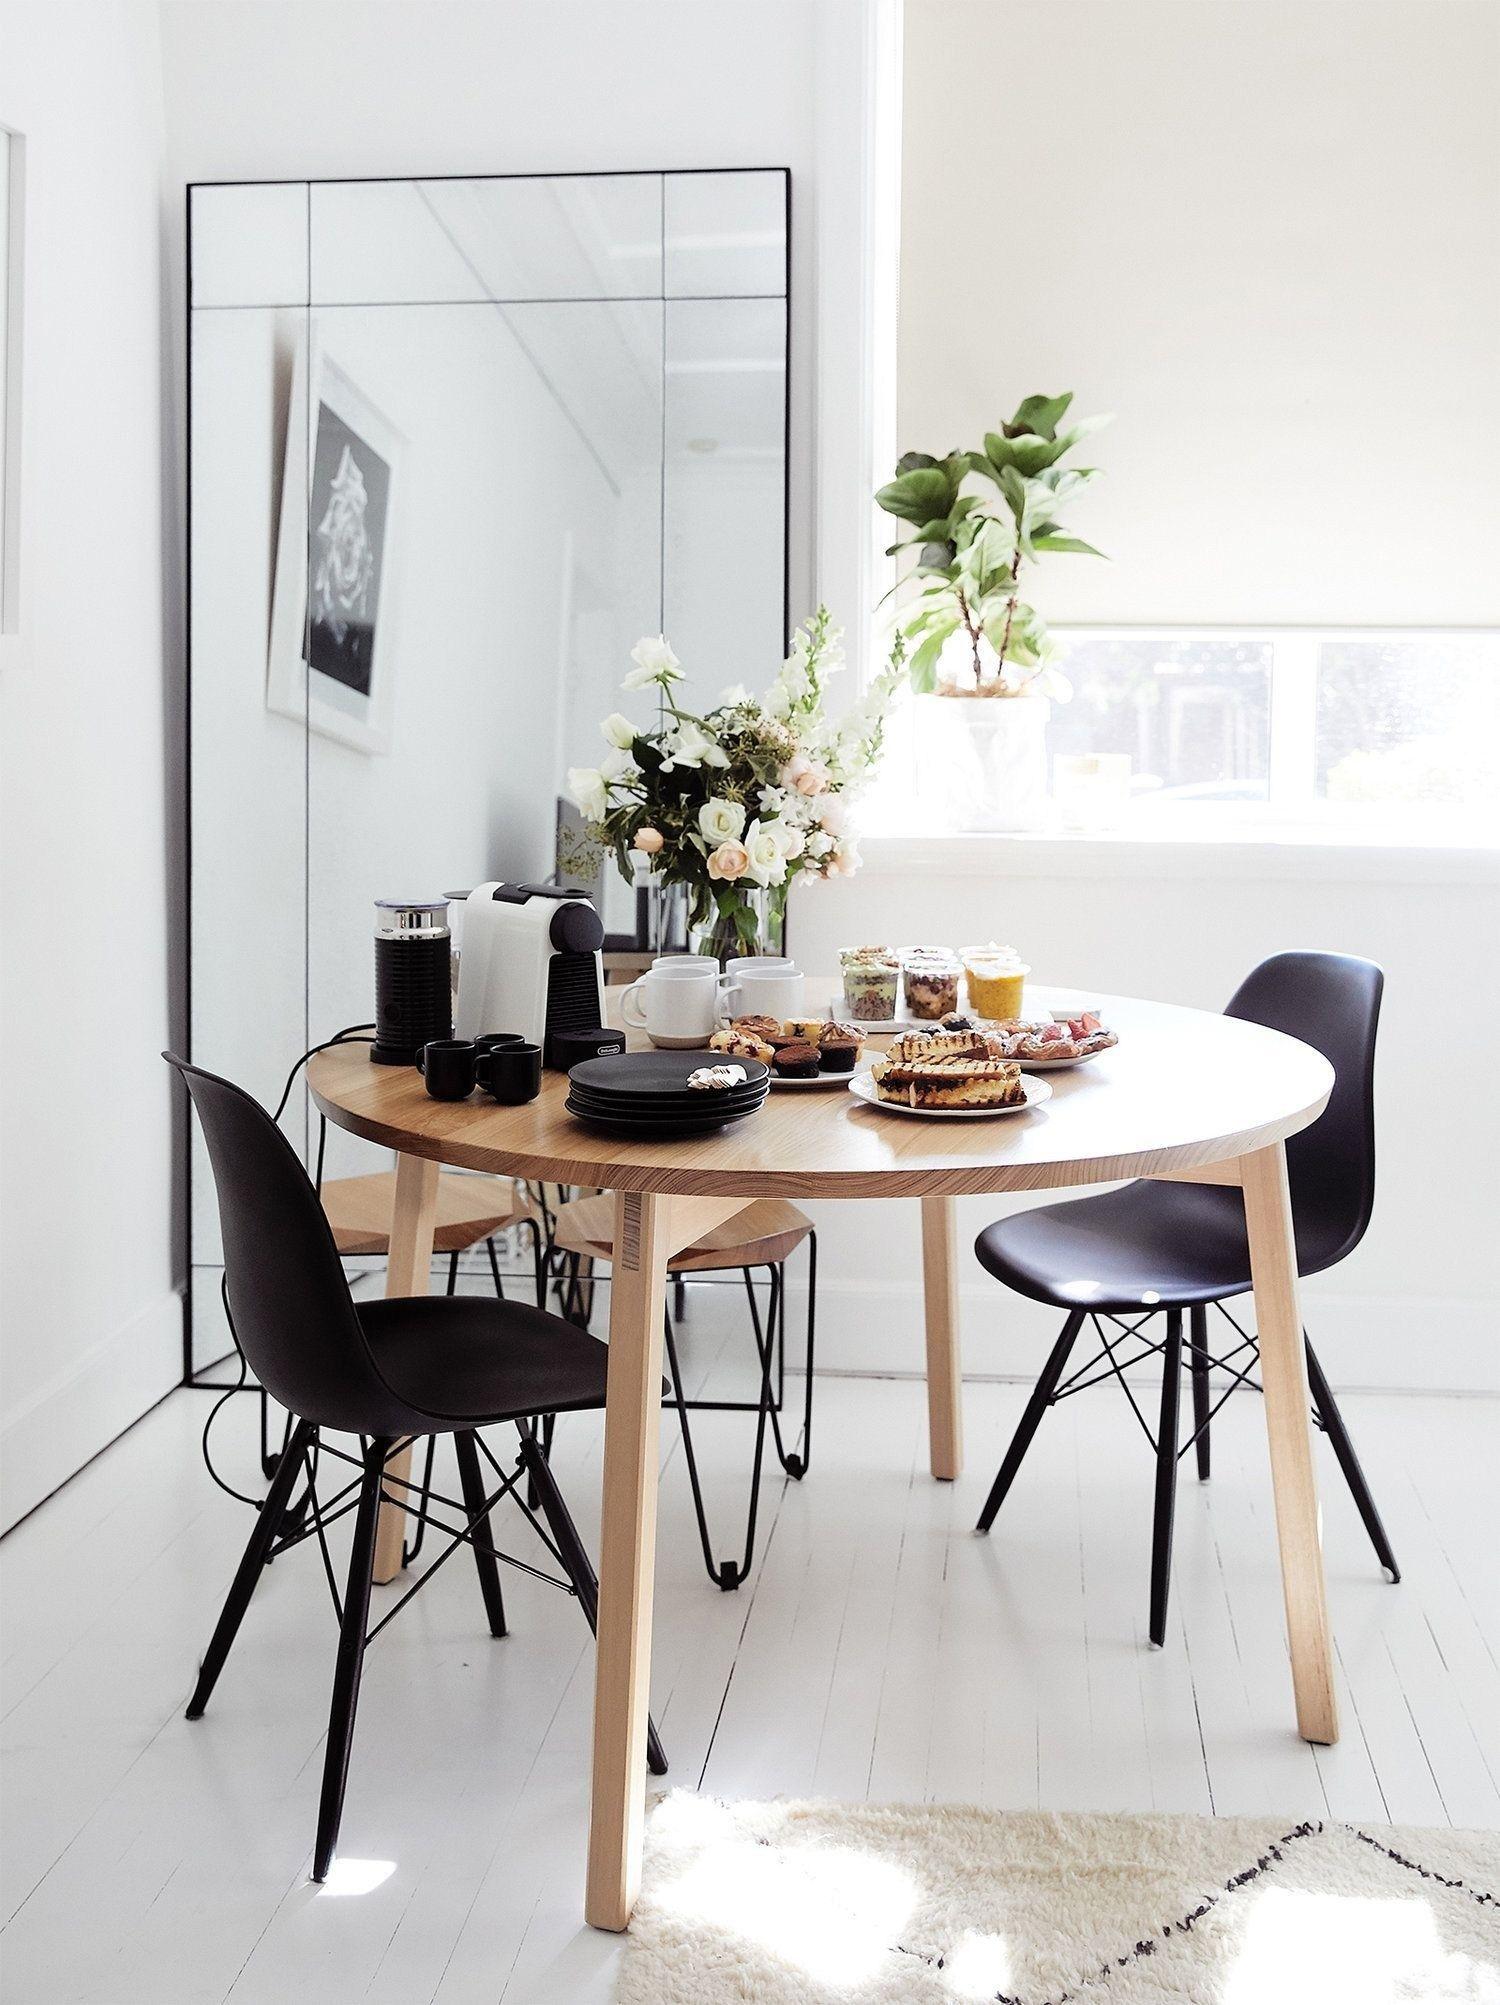 Dining Room Lighting Ideas 22 (Dining Room Lighting Ideas